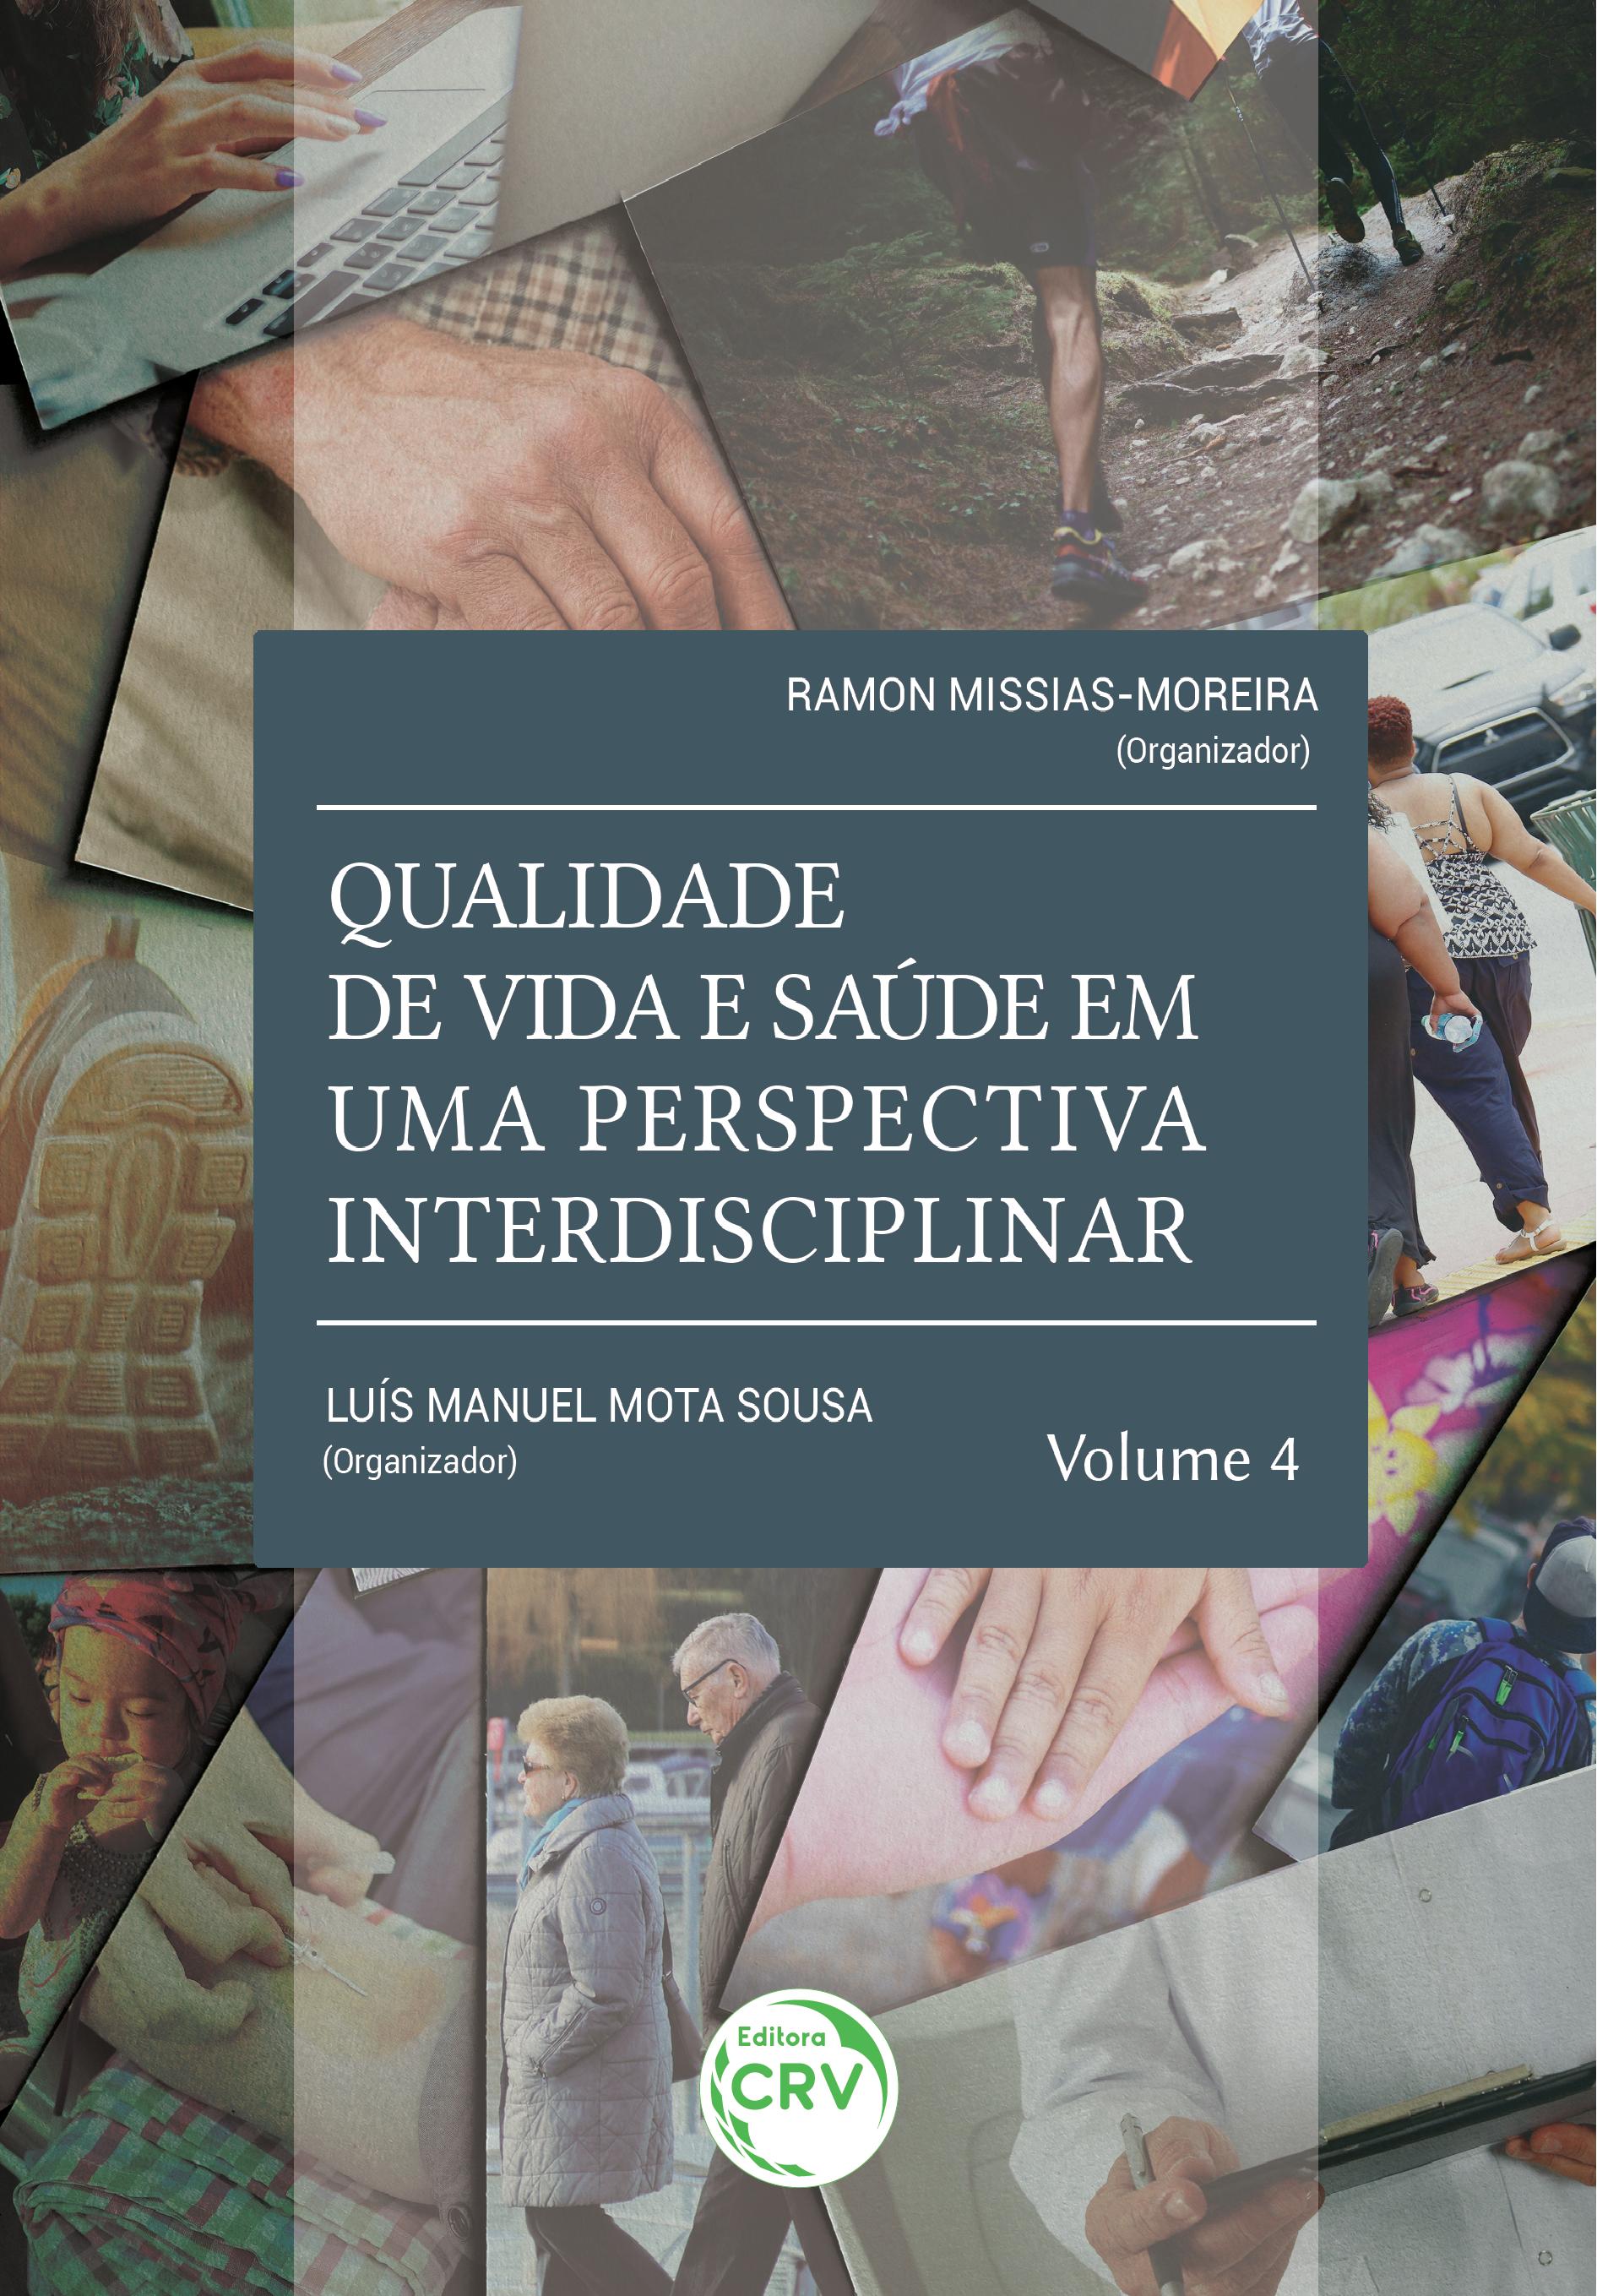 Capa do livro: QUALIDADE DE VIDA E SAÚDE EM UMA PERSPECTIVA INTERDISCIPLINAR - Volume 4